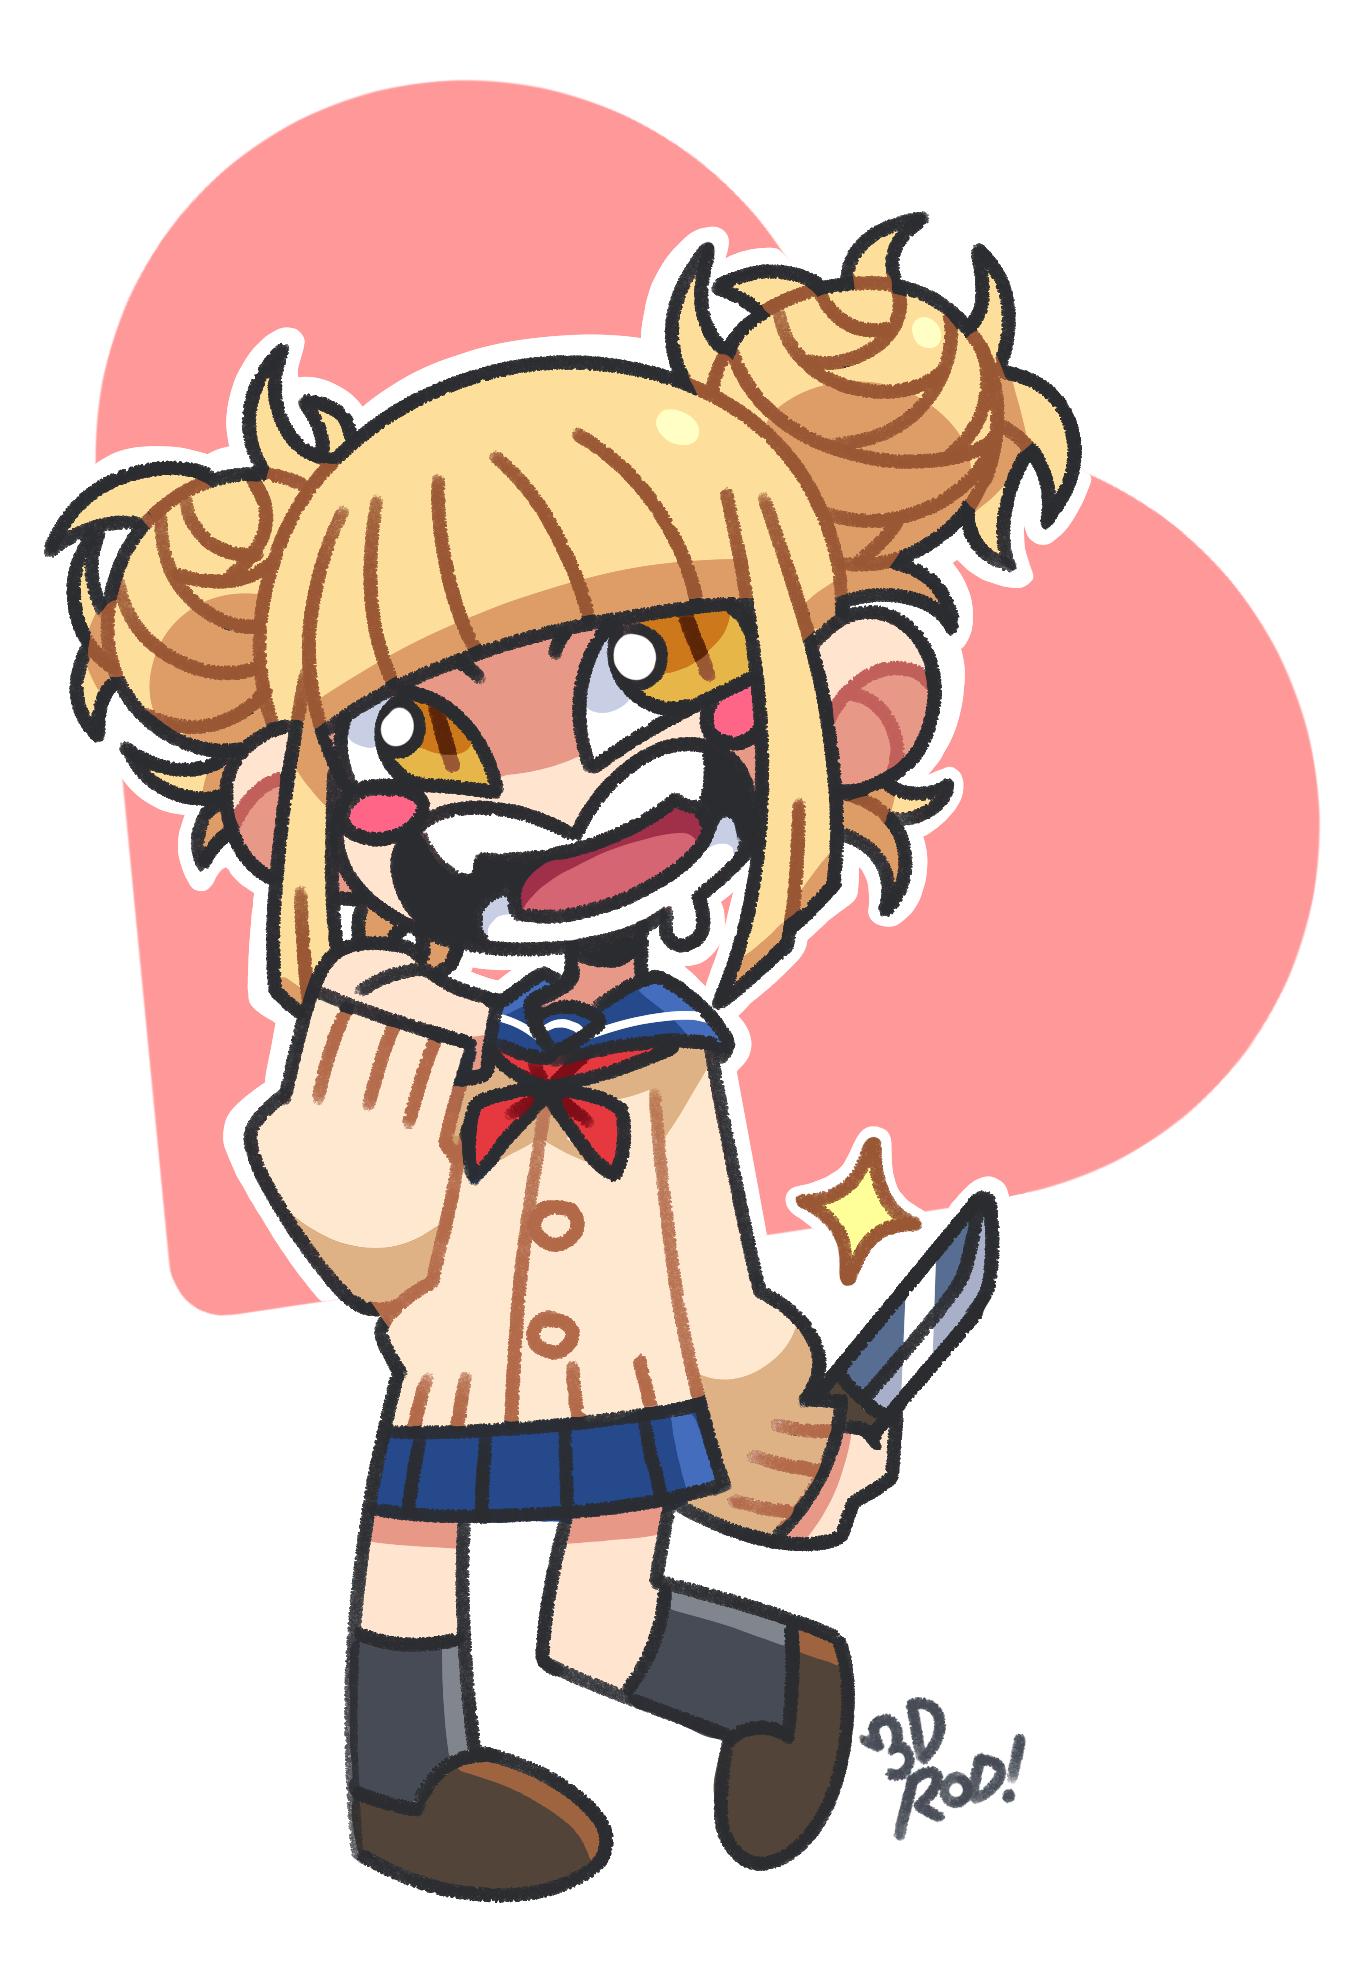 Toga-chan!